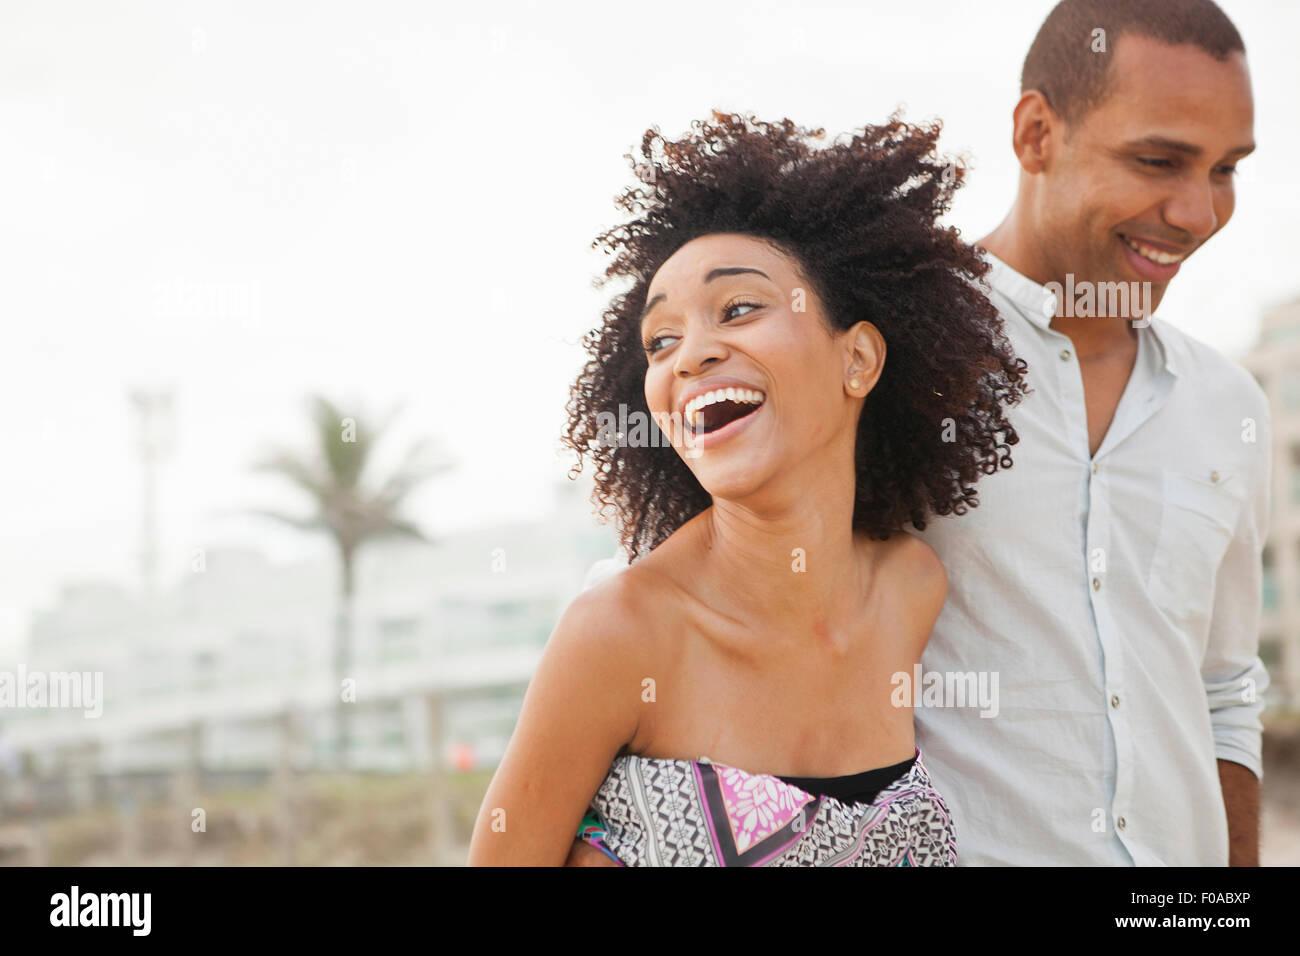 Jeune femme en riant tout en se promenant avec copain on beach, Rio de Janeiro, Brésil Photo Stock